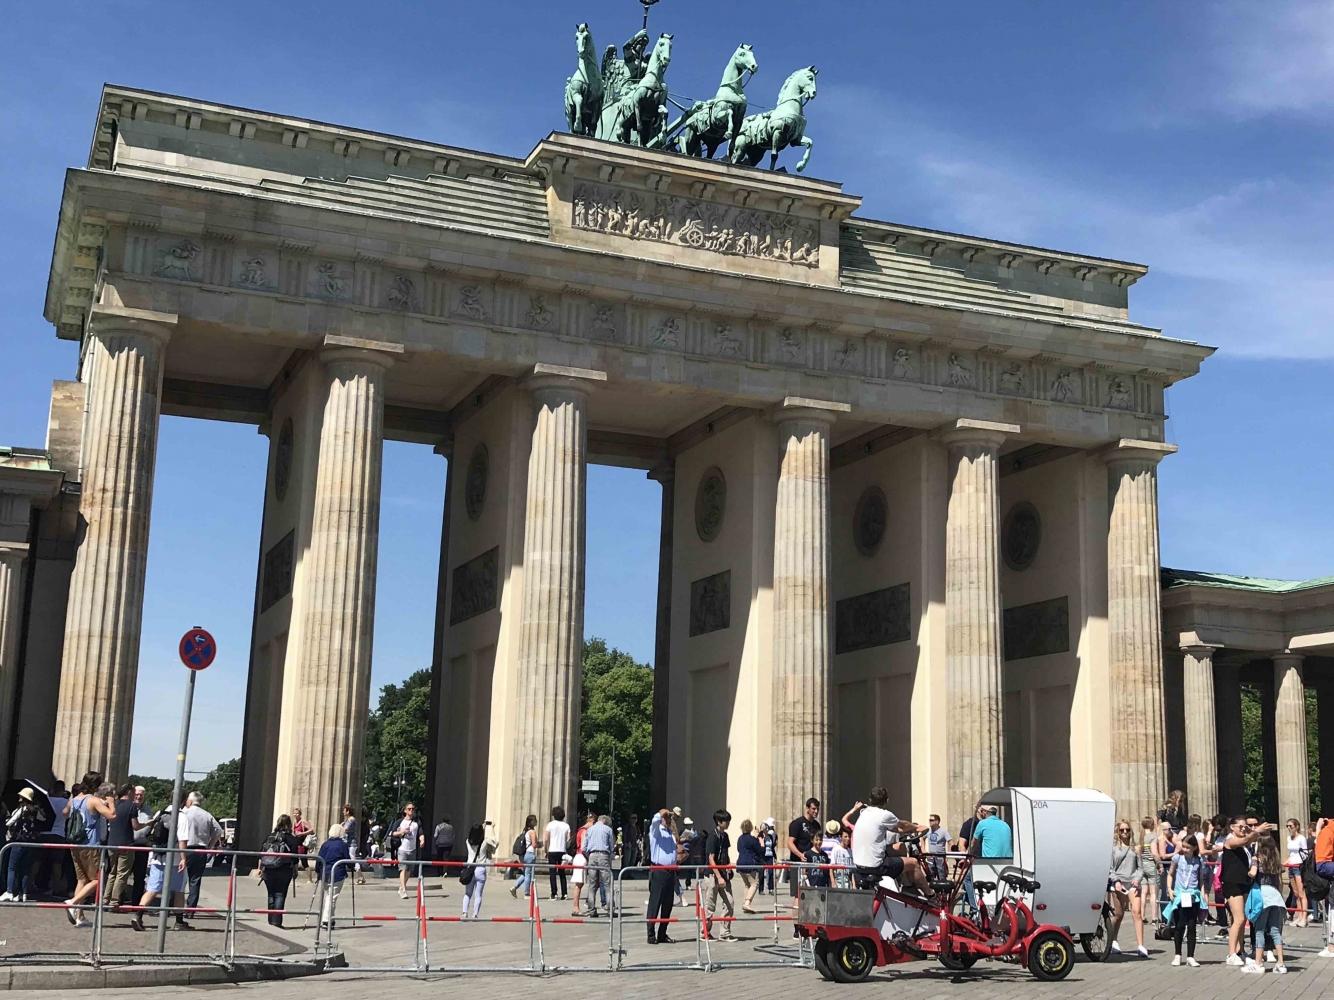 Berlin 170719 Brandenberg Gate